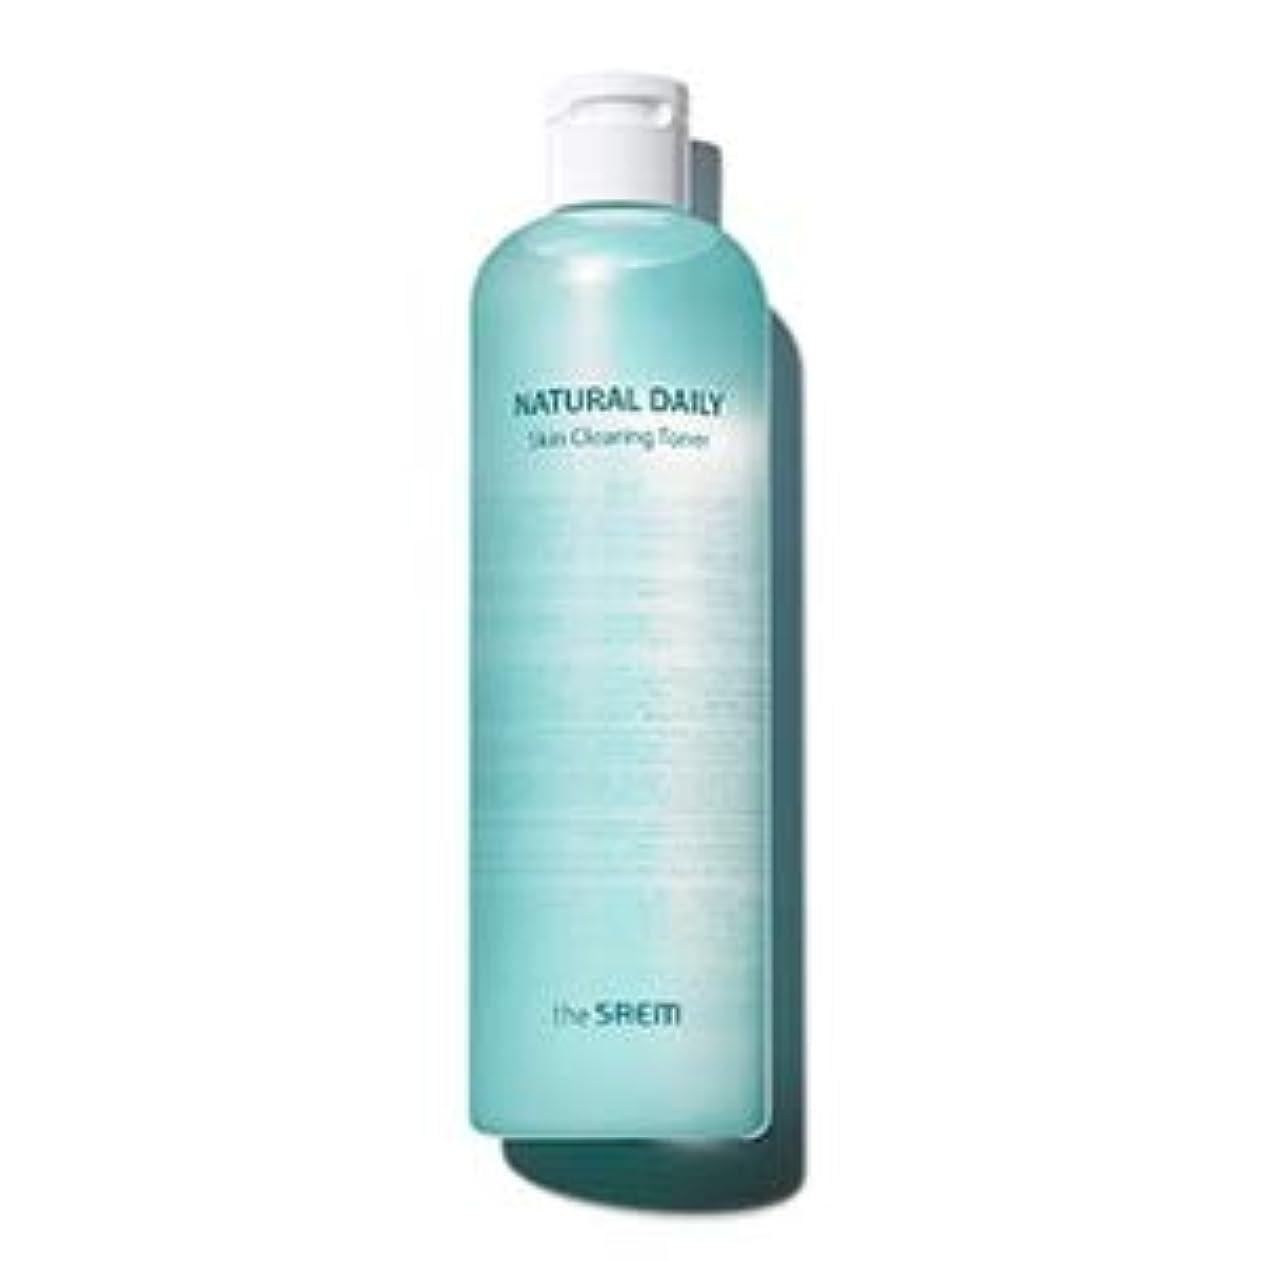 アンタゴニスト国旗純粋なザセム ナチュラルデイリースキンクリアリングトナー500ml / The Saem Natural Daily Skin Clearing Toner 500ml [並行輸入品]